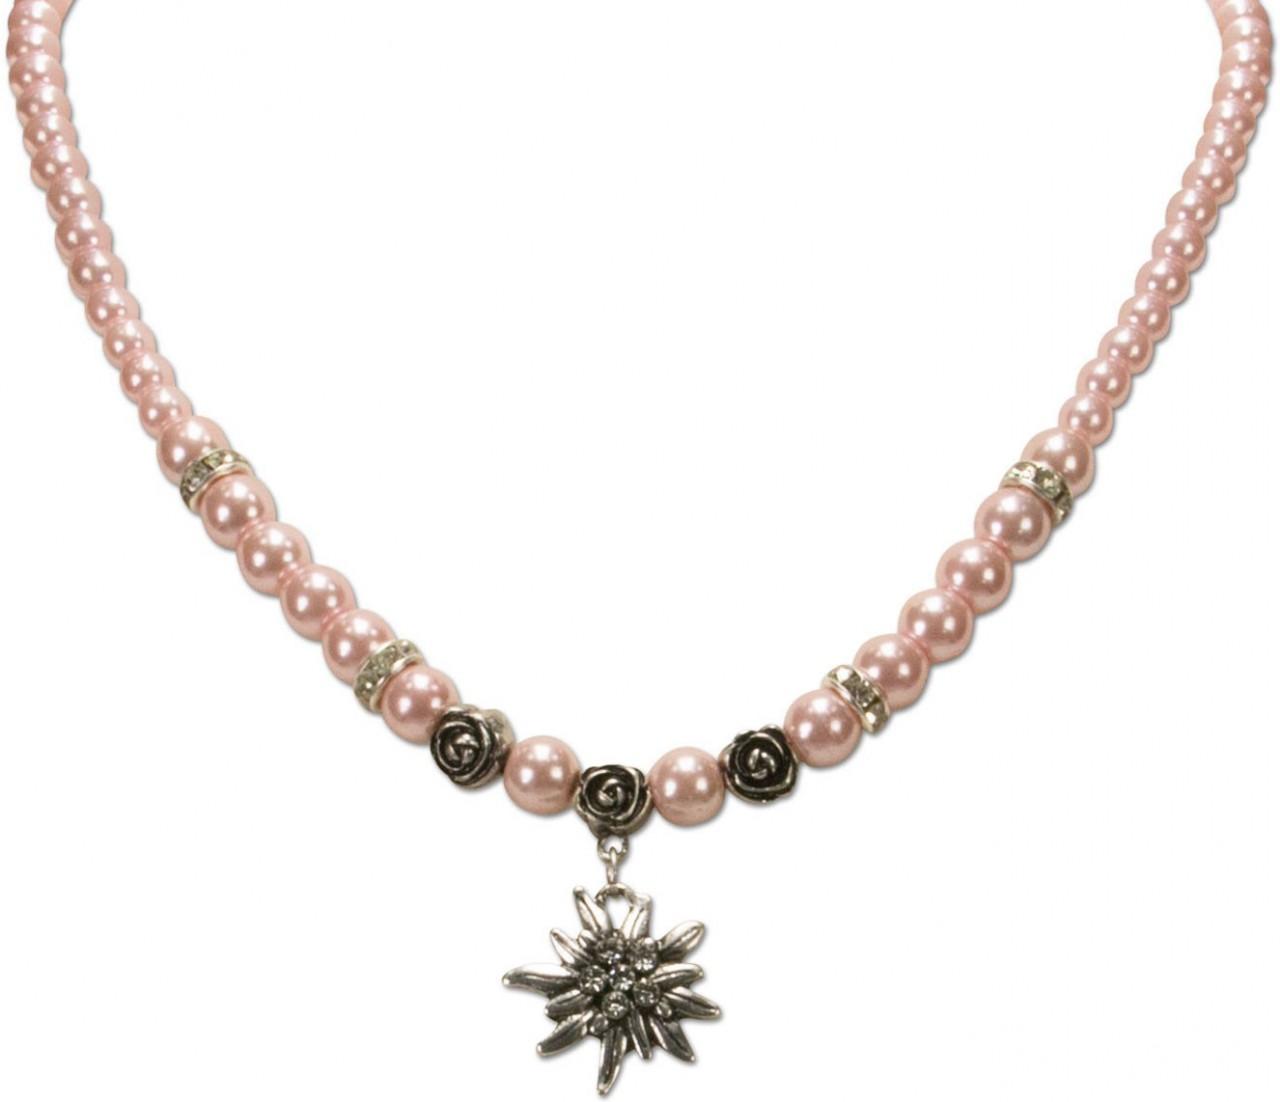 Naszyjnik Trachten mały szarotka różowa